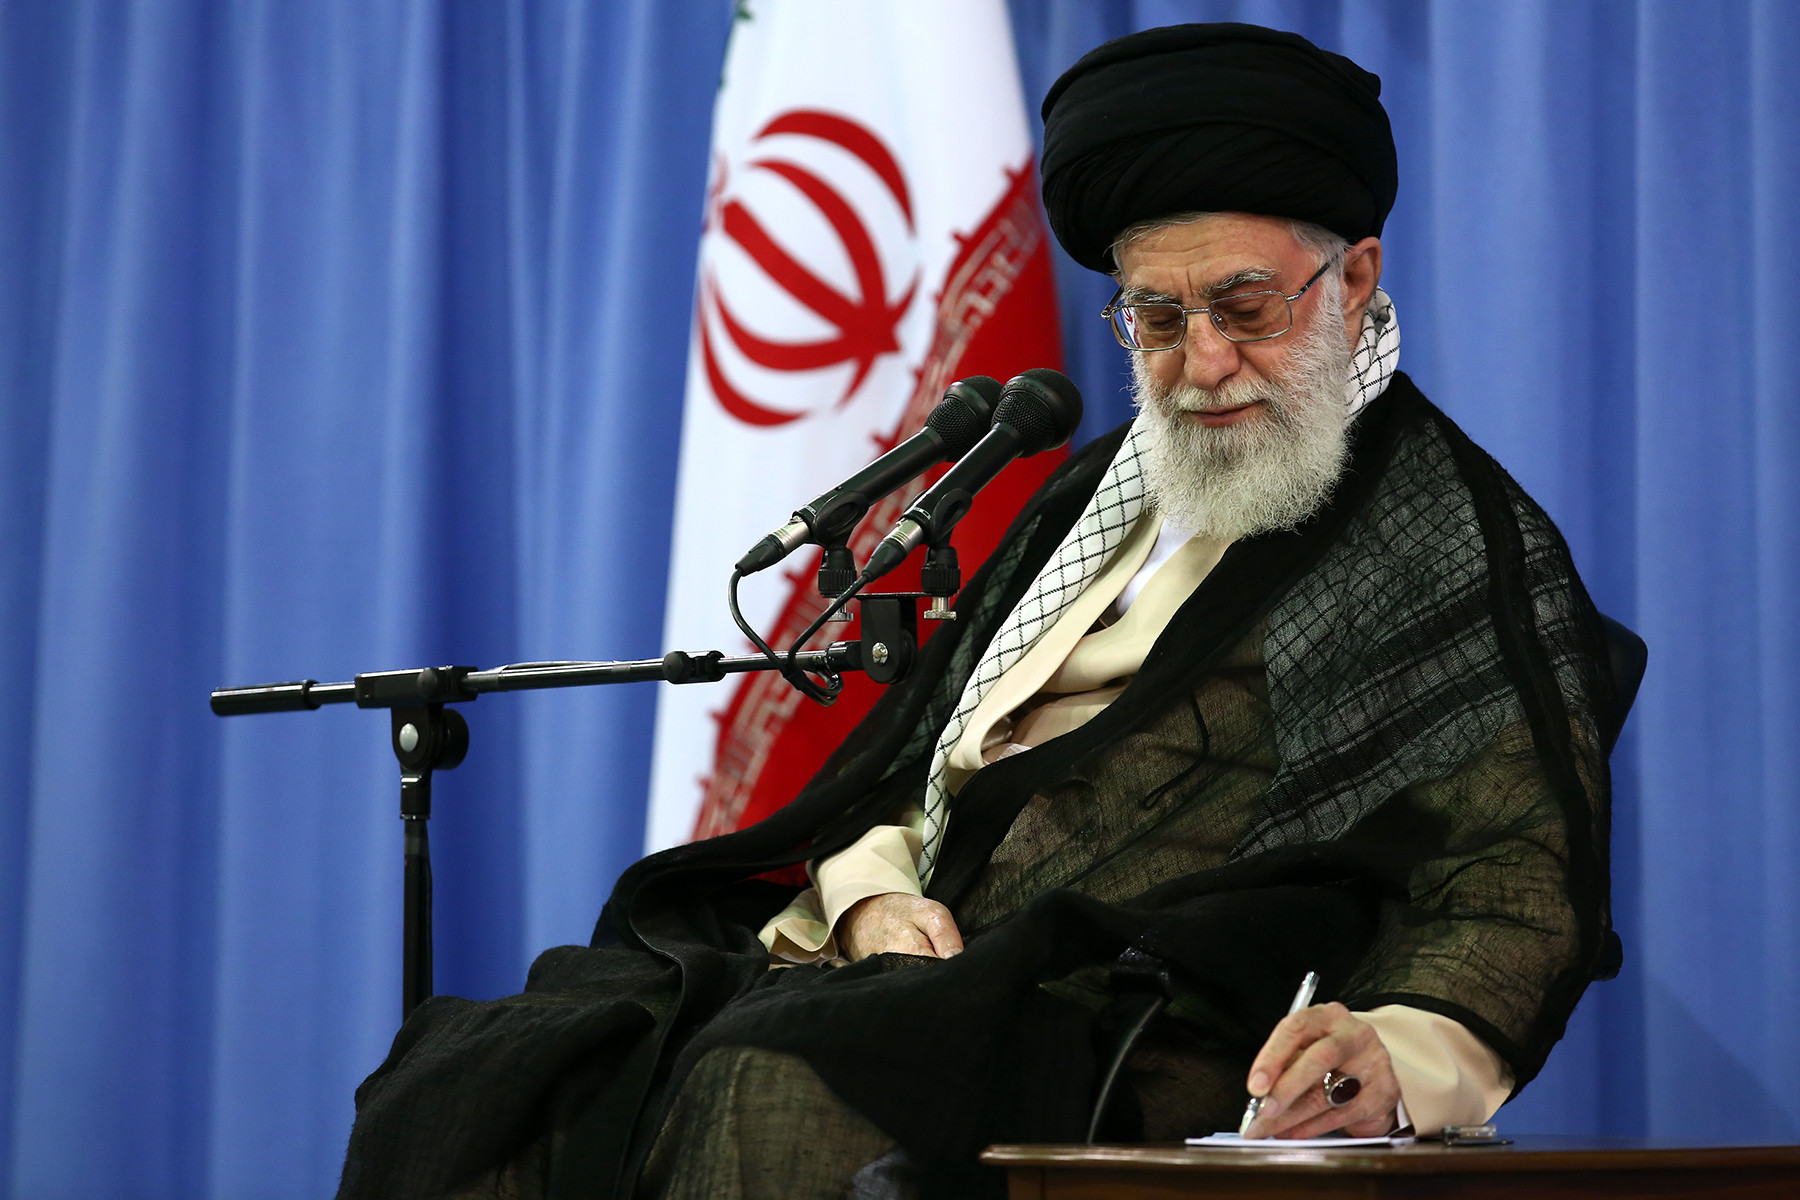 قائد الثورة: على المسؤولين الأفغان معاقبة السفاحين المتورطين بجريمة قندوز